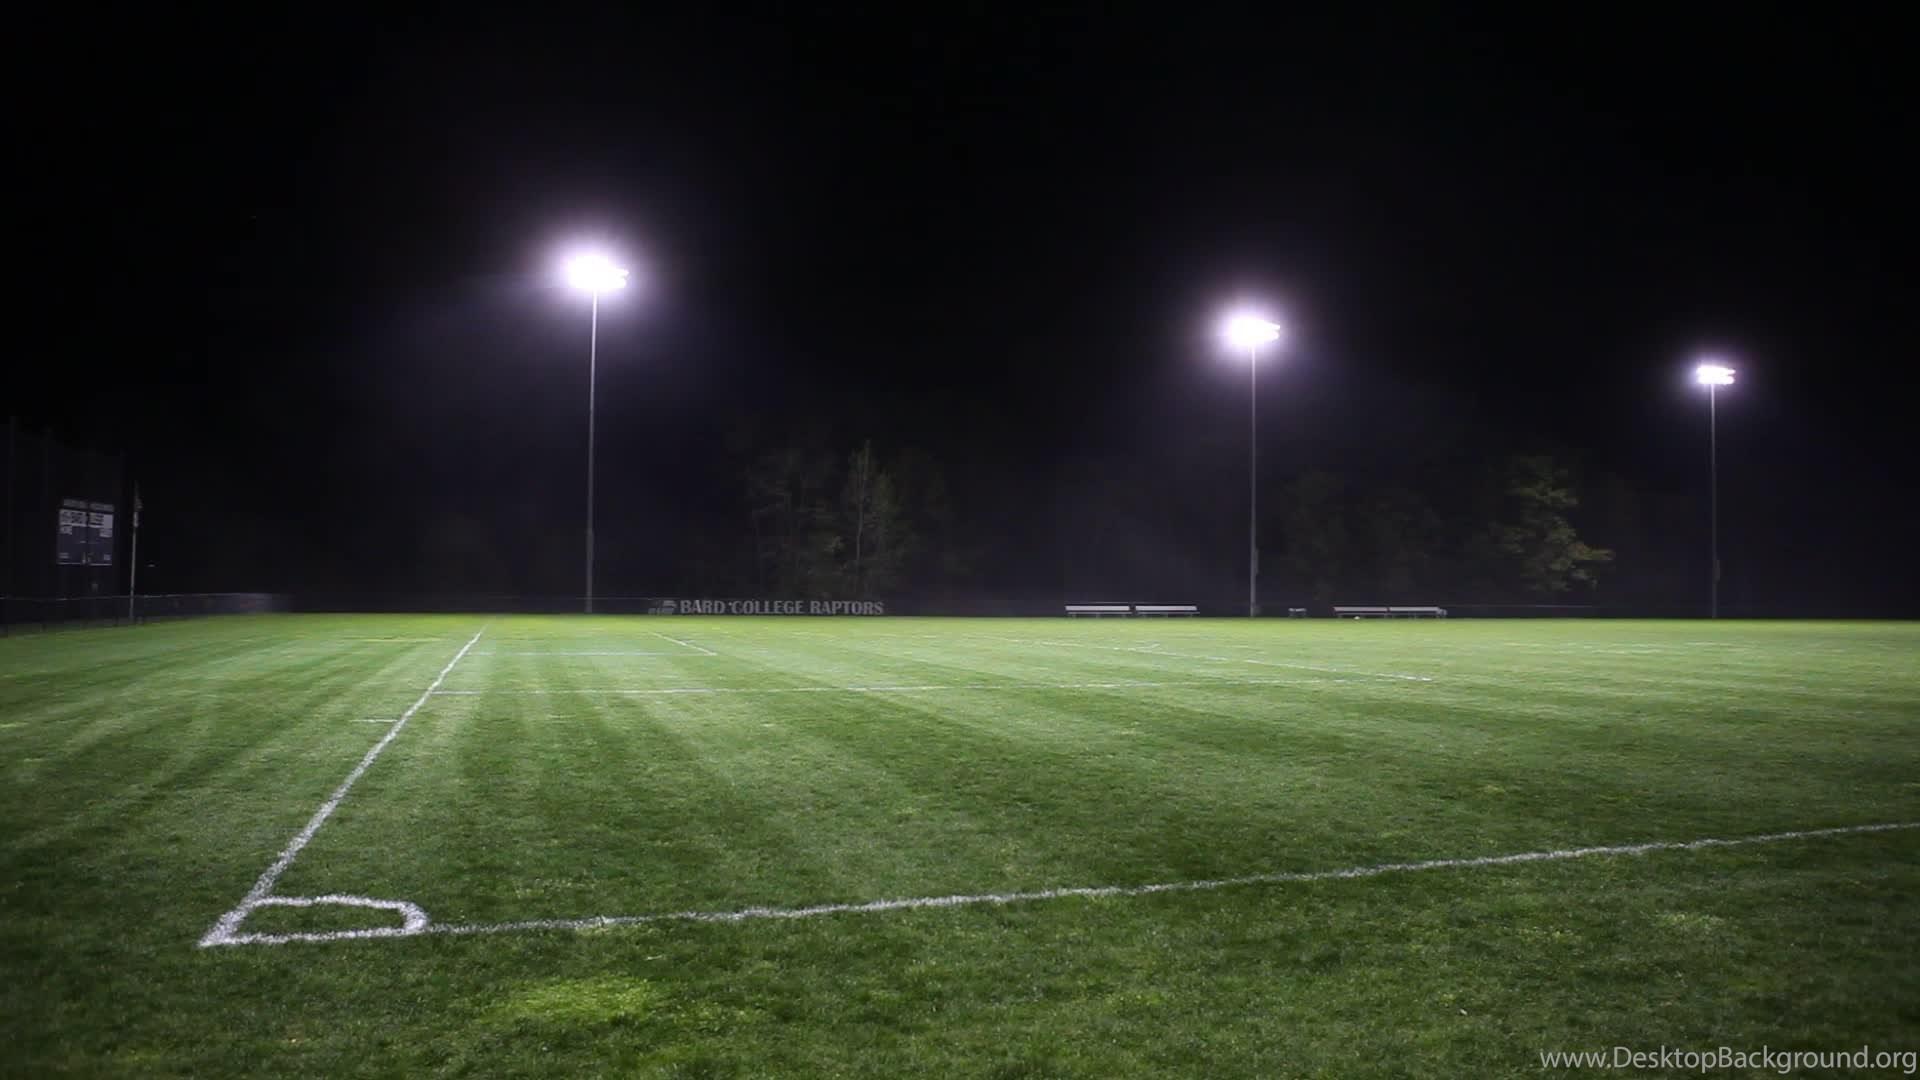 High school football field at night